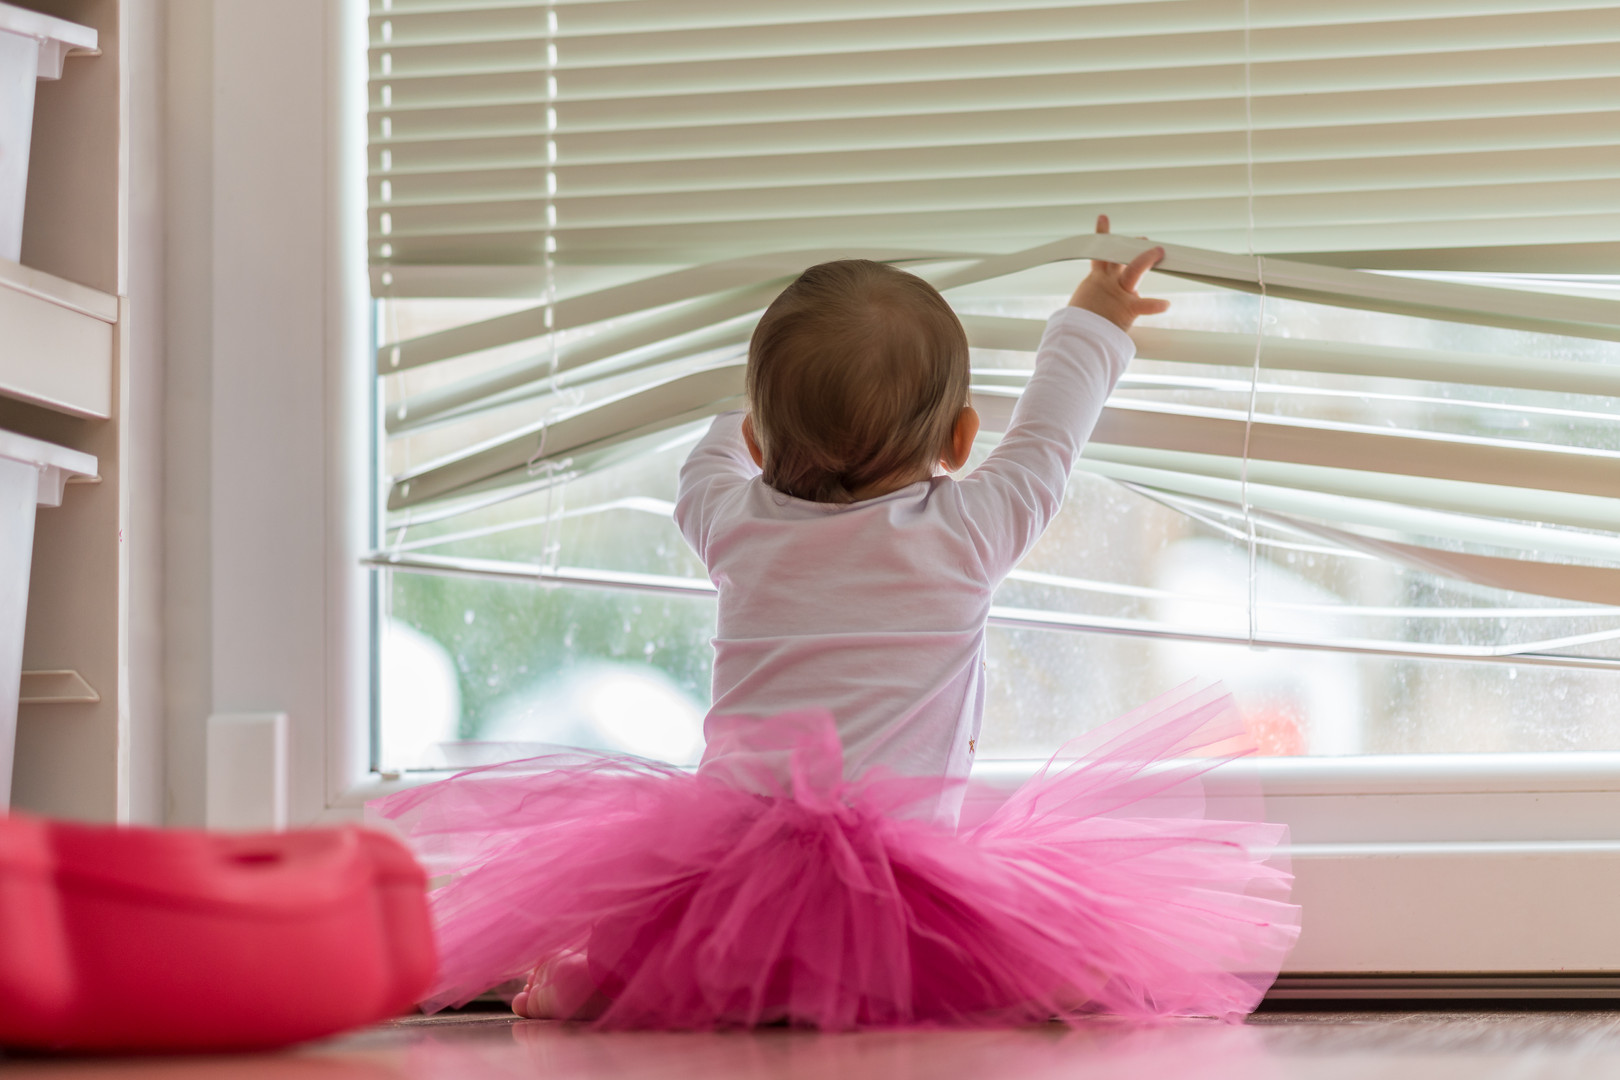 Cute little baby girl wearing a pink tut